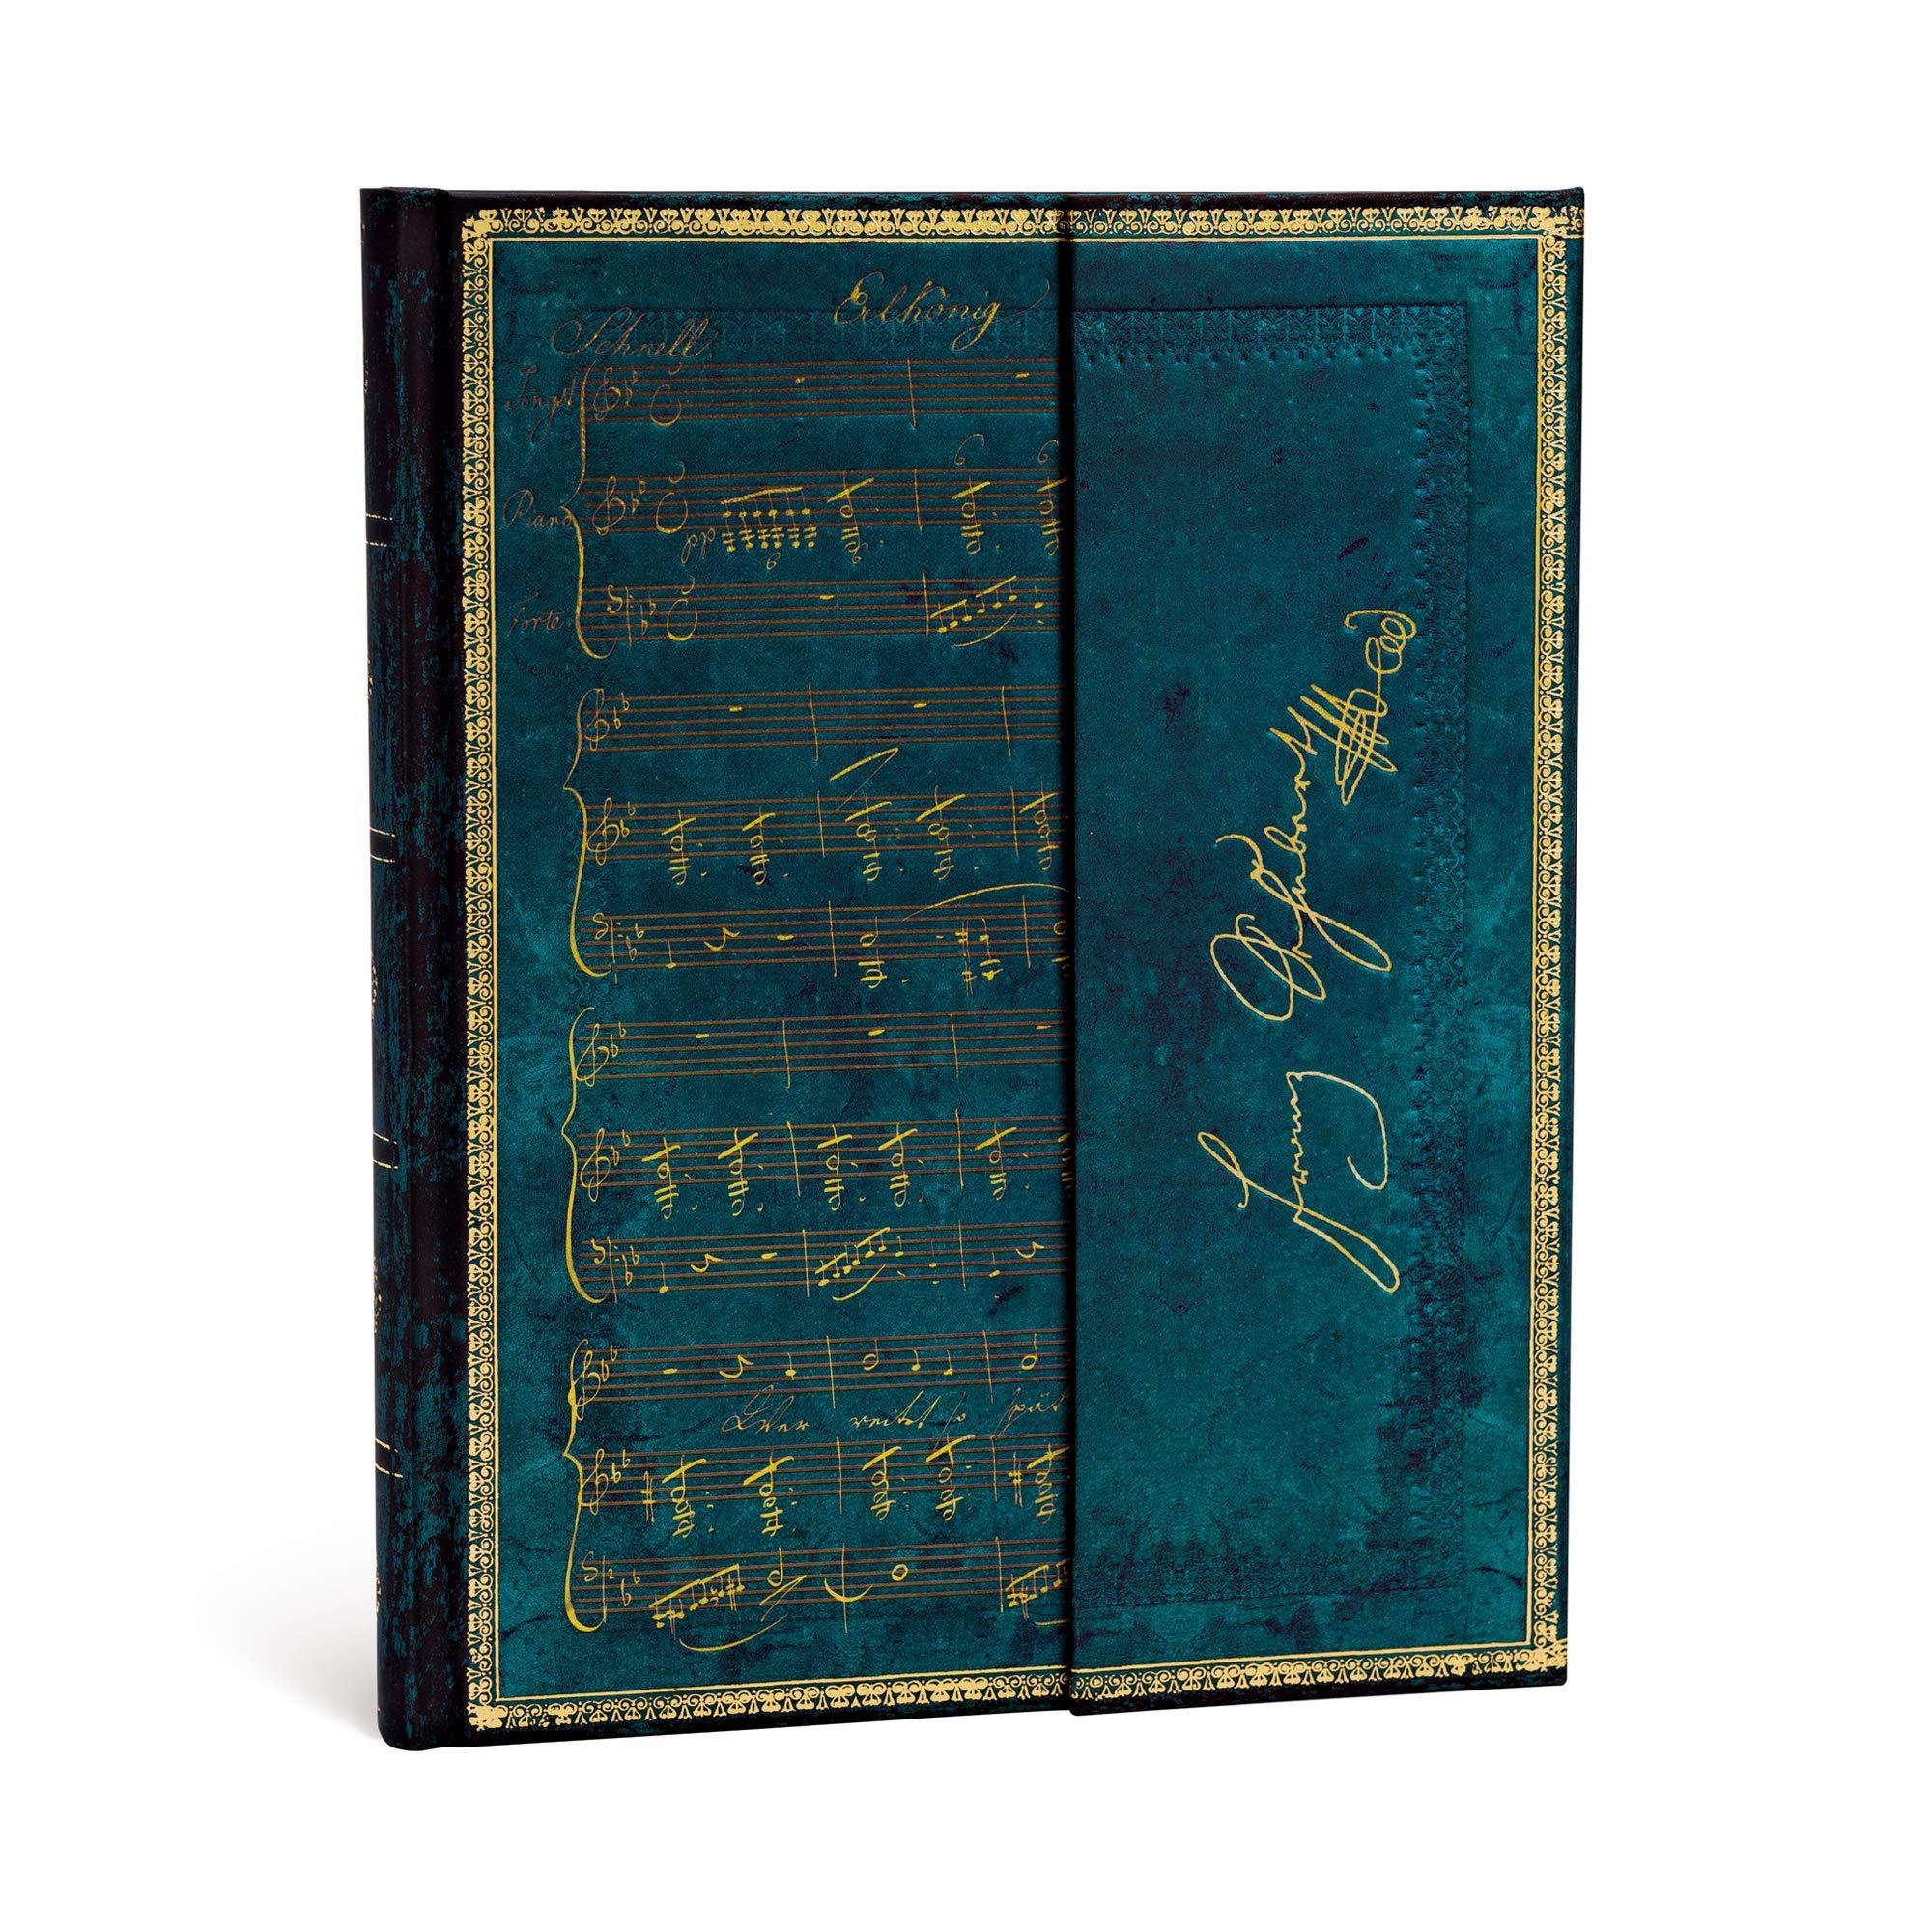 Hardcover Journals, Schubert, Erlkönig, Unlined (Embellished Manuscripts Collection)